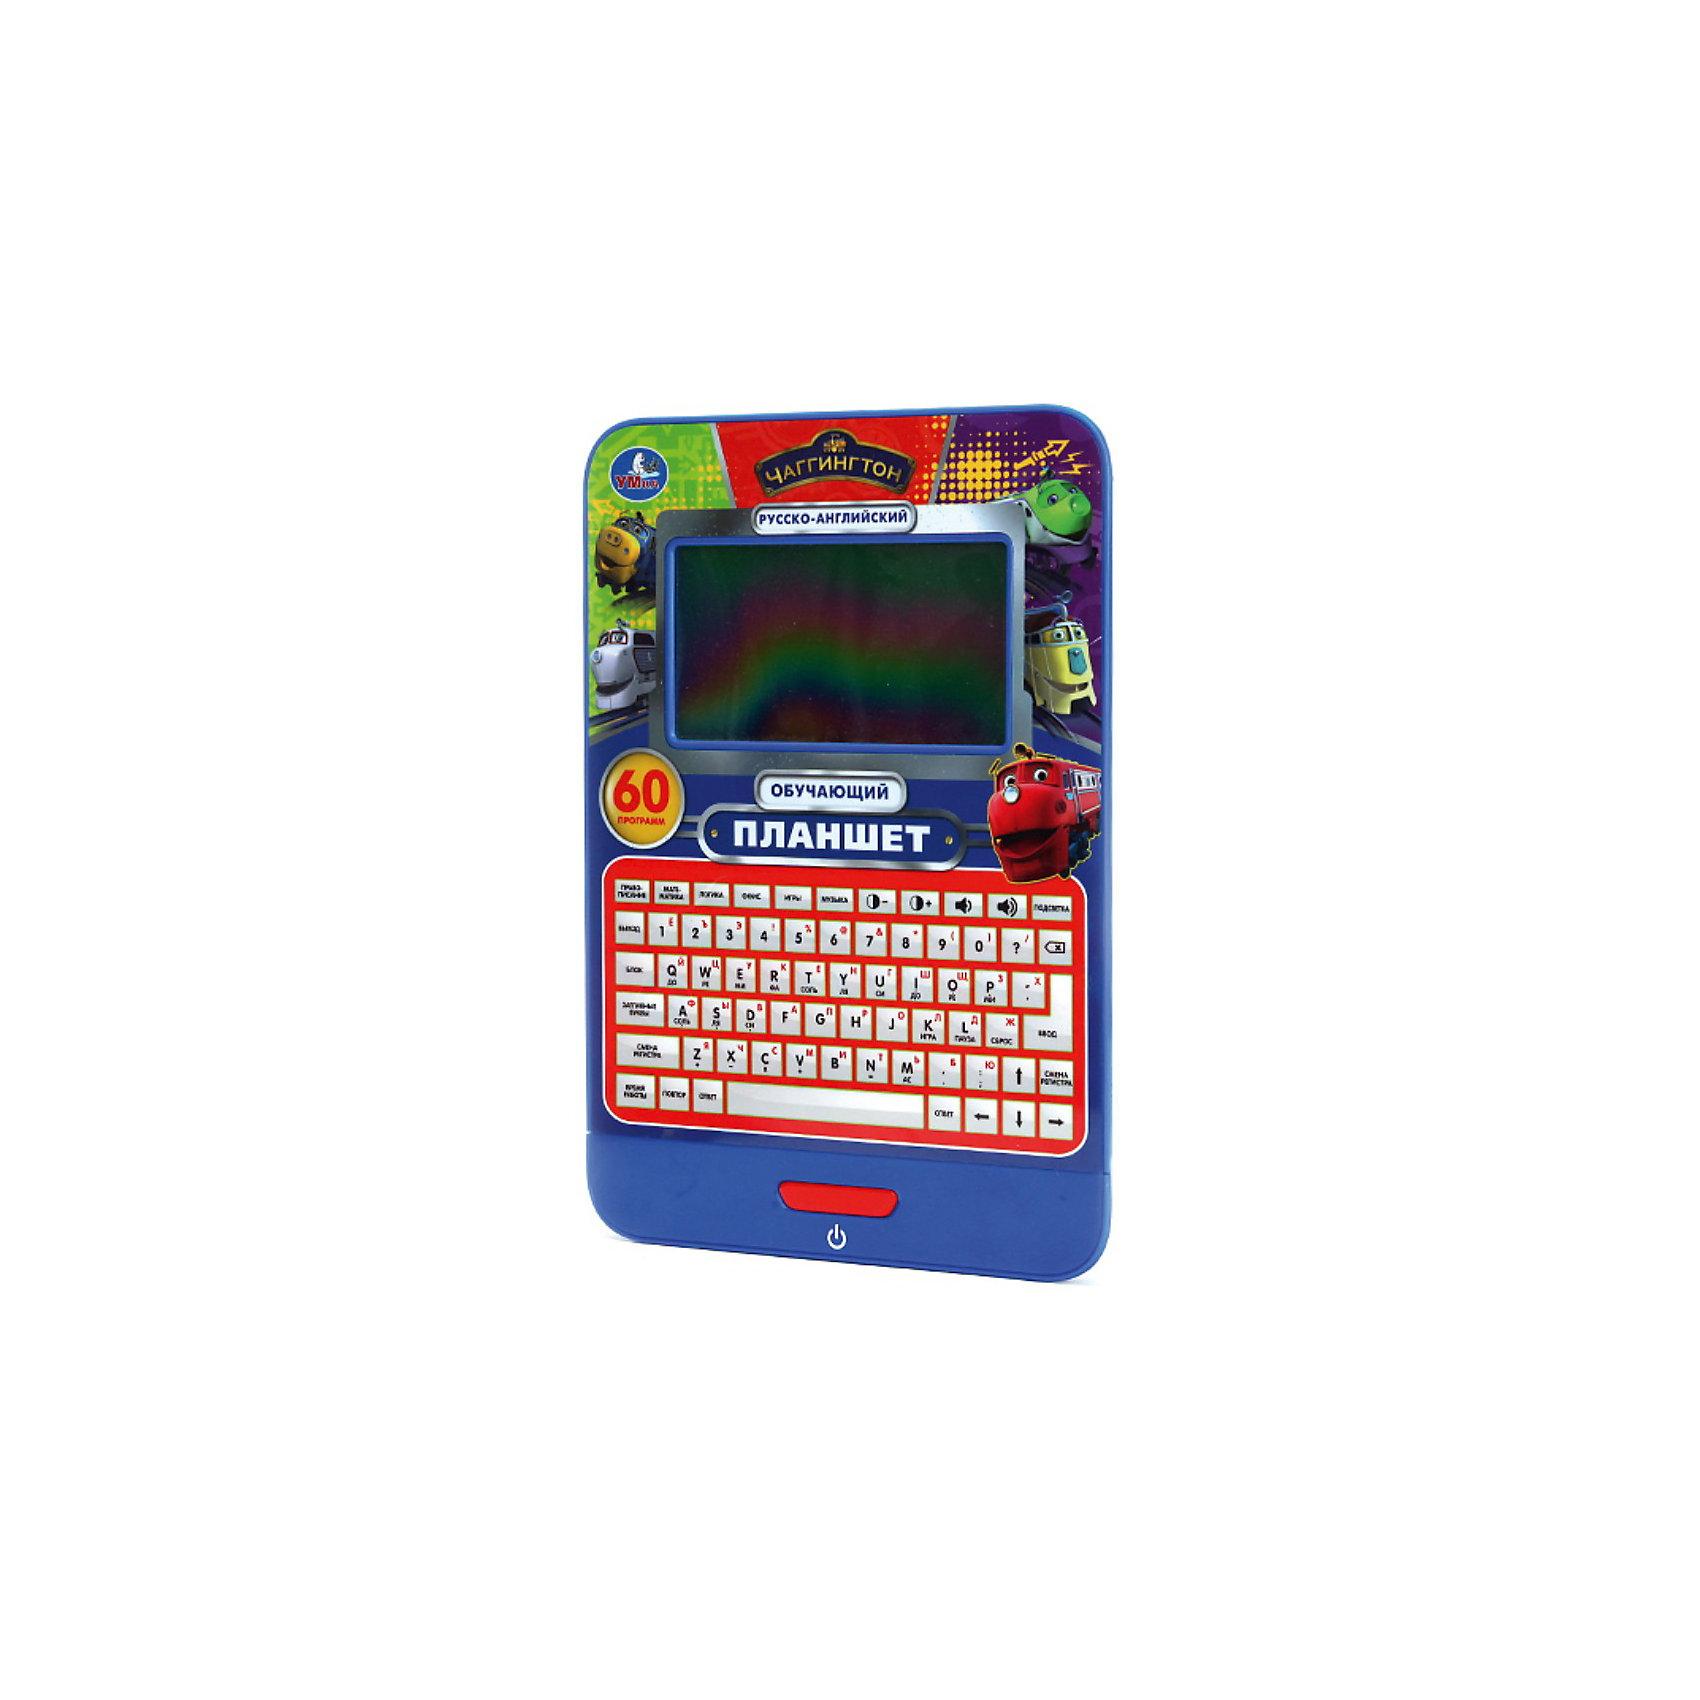 Обучающий планшет Чаггингтон, УмкаОбучающие плакаты и планшеты<br>Обучающий планшет Чаггингтон, Умка – это отличная развивающая игрушка для вашего ребенка.<br>С помощью этого замечательного планшета ваш ребенок выучит буквы, цифры, новые слова и ноты. Ребенок может обучаться как на русском, так и на английском языке. 5 режимов игры помогут малышу получить знания именно в той области, которая ему интересна – правописание, математика, музыка, логика. Планшет содержит 60 обучающих программ: 9 программ в категории правописание, 8 программ в категории математика, 8 программ в категории логика и память, 3 программы в категории офисные инструменты, 12 программ в категории музыка и игры. Режим вопросов поможет закрепить полученные знания. Игрушка оснащена большим сенсорным ЖК-экраном высокого разрешения, имеет регулировку громкости, автоматическое отключение, озвучена профессиональными актерами. Раскладка клавиатуры планшета приближена к настоящей.<br><br>Дополнительная информация:<br><br>- Программы: правописание (учим букву, поймай букву, последовательность букв в алфавите, учим слова, исправь, слово, пропущенная буква); математика (учим цифры, учимся считать, сравни цифры, найди закономерность, сложение, вычитание); логика (запомни цифру, найди отличие, числовой куб, часы, чего больше?, найди пару); офис (калькулятор, таблица умножения, блокнот, рисование); игры (порядок цифр, в поисках сокровищ, над каньоном, отбей шарик); музыка (учим ноты, сочини мелодию, дискотека, музыкальная шкатулка)<br>- Анимация с героями мультсериала про паровозики Чаггингтон<br>- Цвет: синий, красный<br>- Батарейки: 3 батарейки типа ААА (батарейки входят в комплект)<br>- Материал: пластик<br>- Размер планшета: 16,5 х 23,5 х 2 см.<br>- Размер упаковки: 32 х 23,5 х 3,5 см.<br>- Вес: 630 гр.<br><br>Игрушка способствует развитию самостоятельности, памяти, логики, математических способностей и пополнению словарного запаса.<br><br>Обучающий планшет Чаггингтон (Чаггингтон), Умка можно купить в нашем 